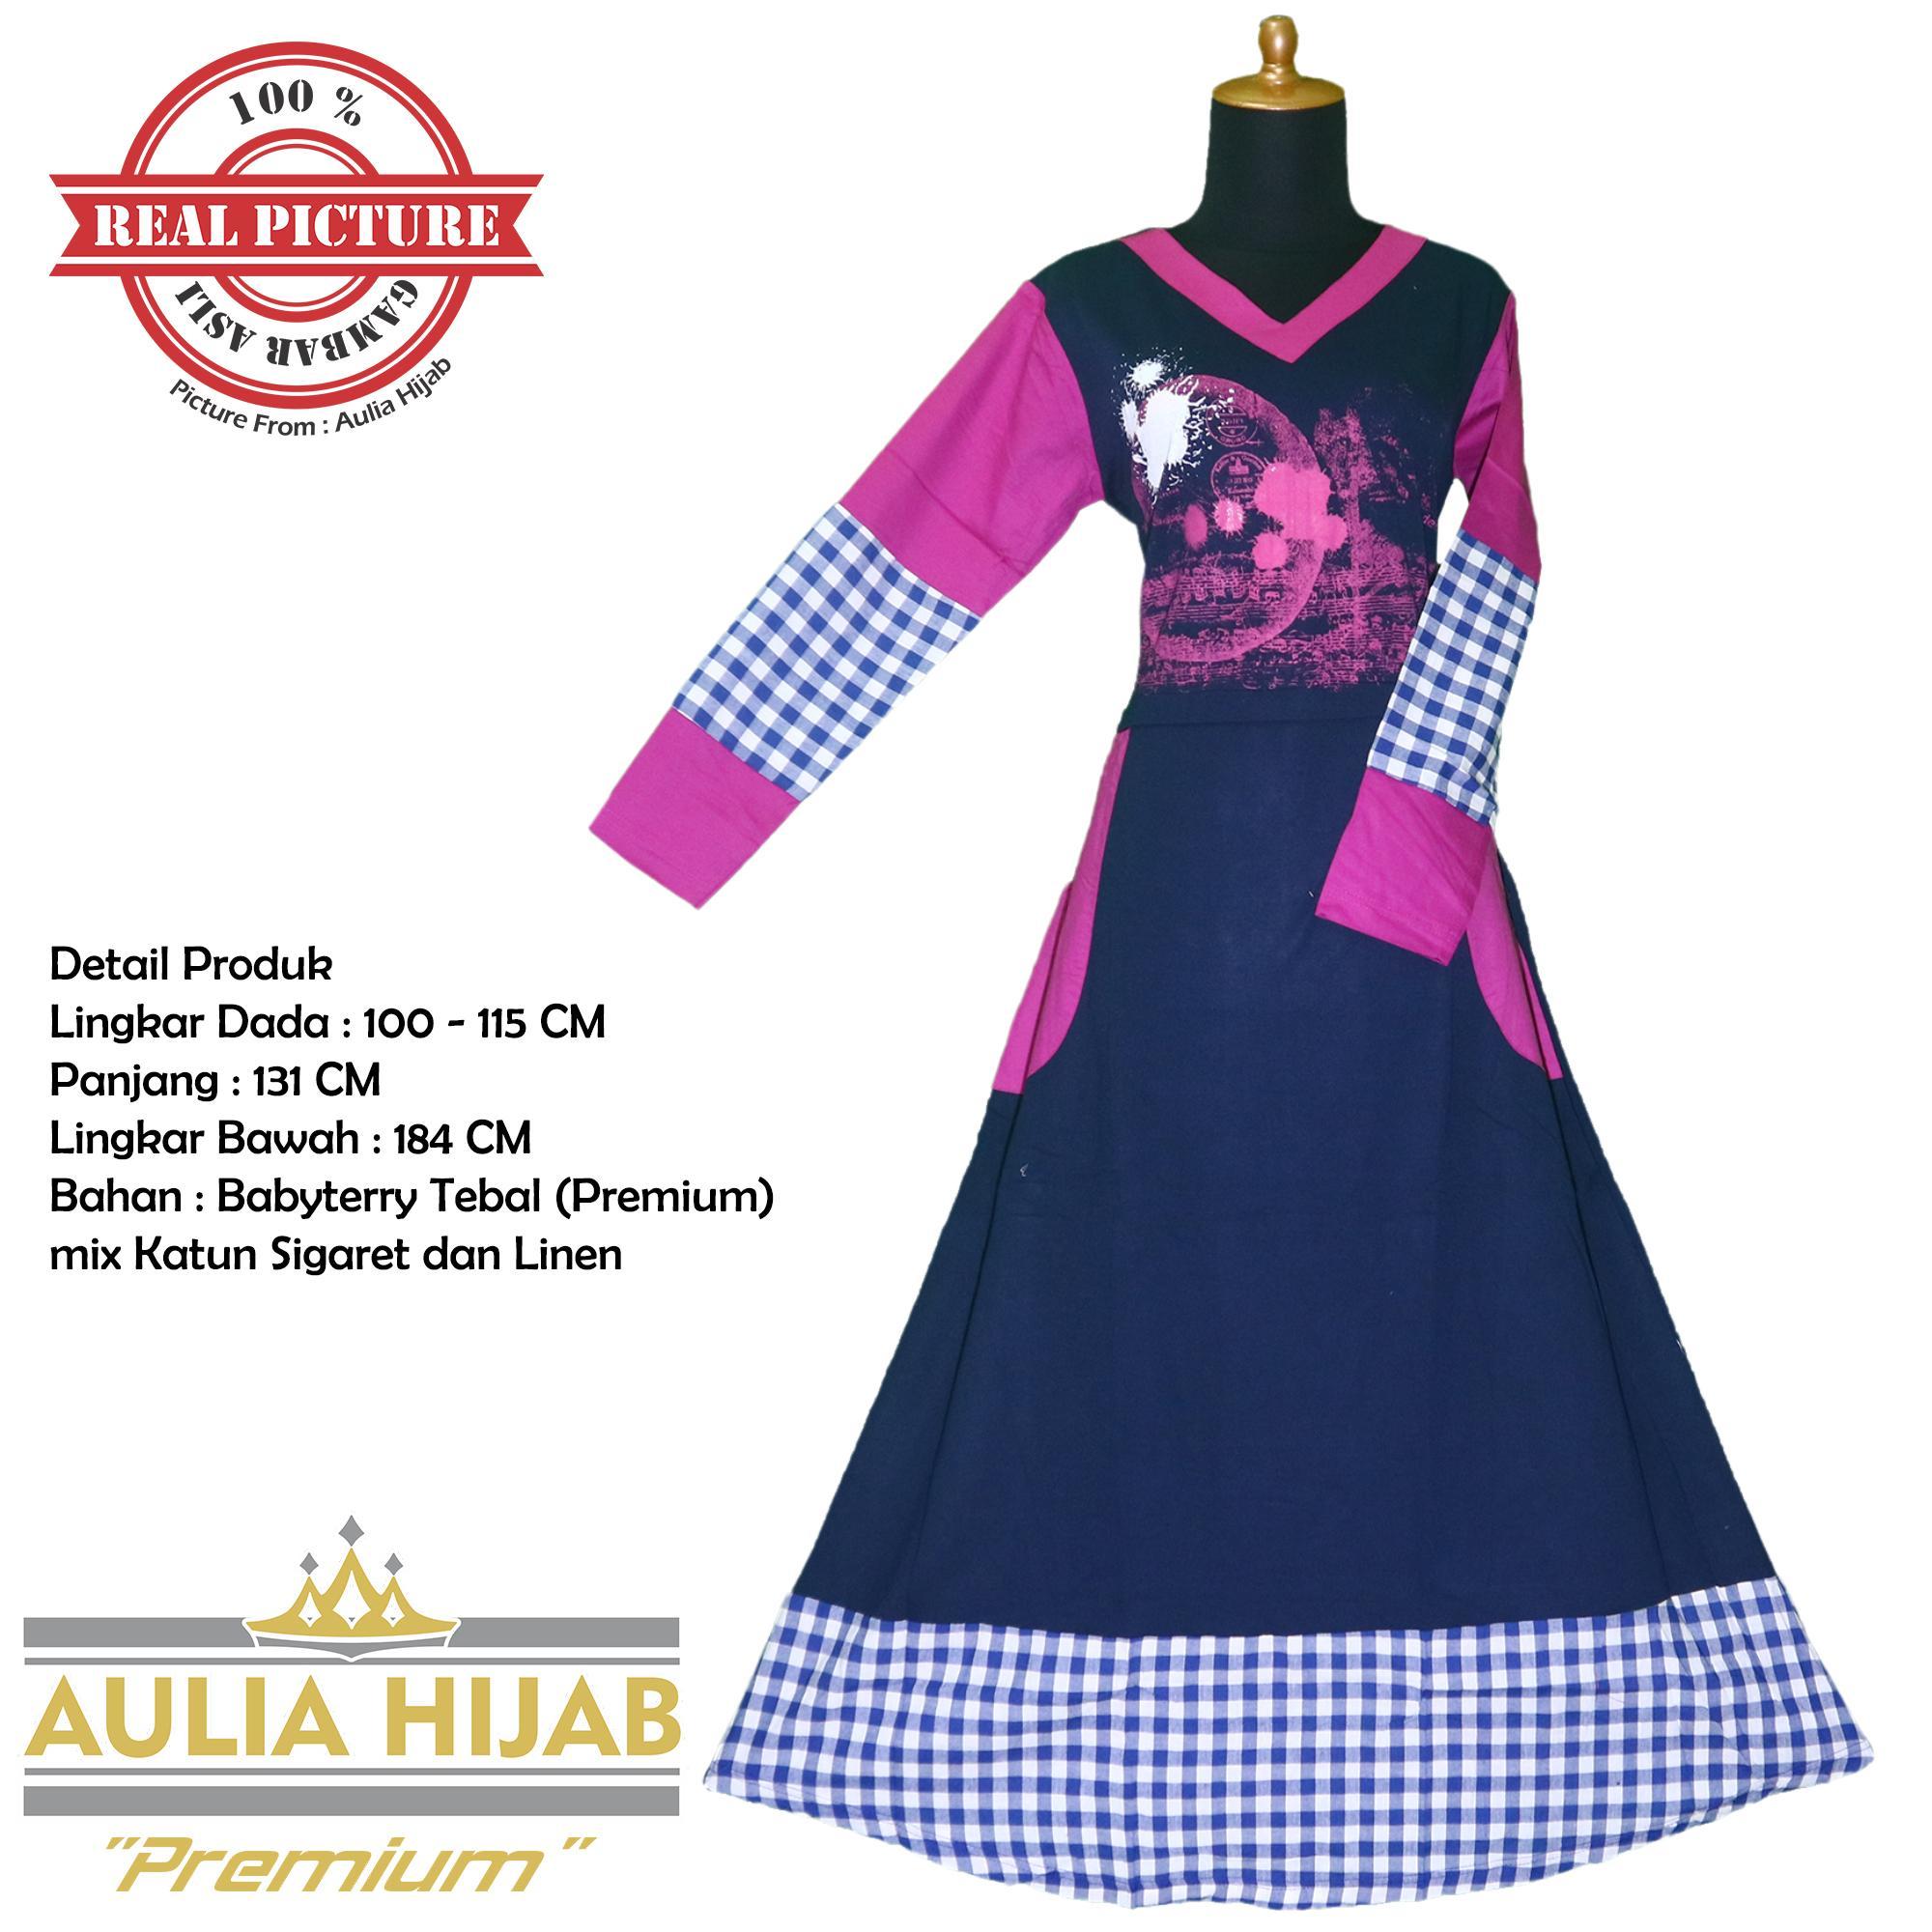 [Premium] Aulia Hijab - Gamis Gio-F 0105 Premium Bahan Babyterry Tebal Premium/Gamis Babyterry Premium/Gamis Hamil/Gamis Santai/Gamis Kerja/Gamis Premium/Gamis Kerja/Gamis Santai/Gamis Mahal/Gamis Berkualitas/Gamis Pesta